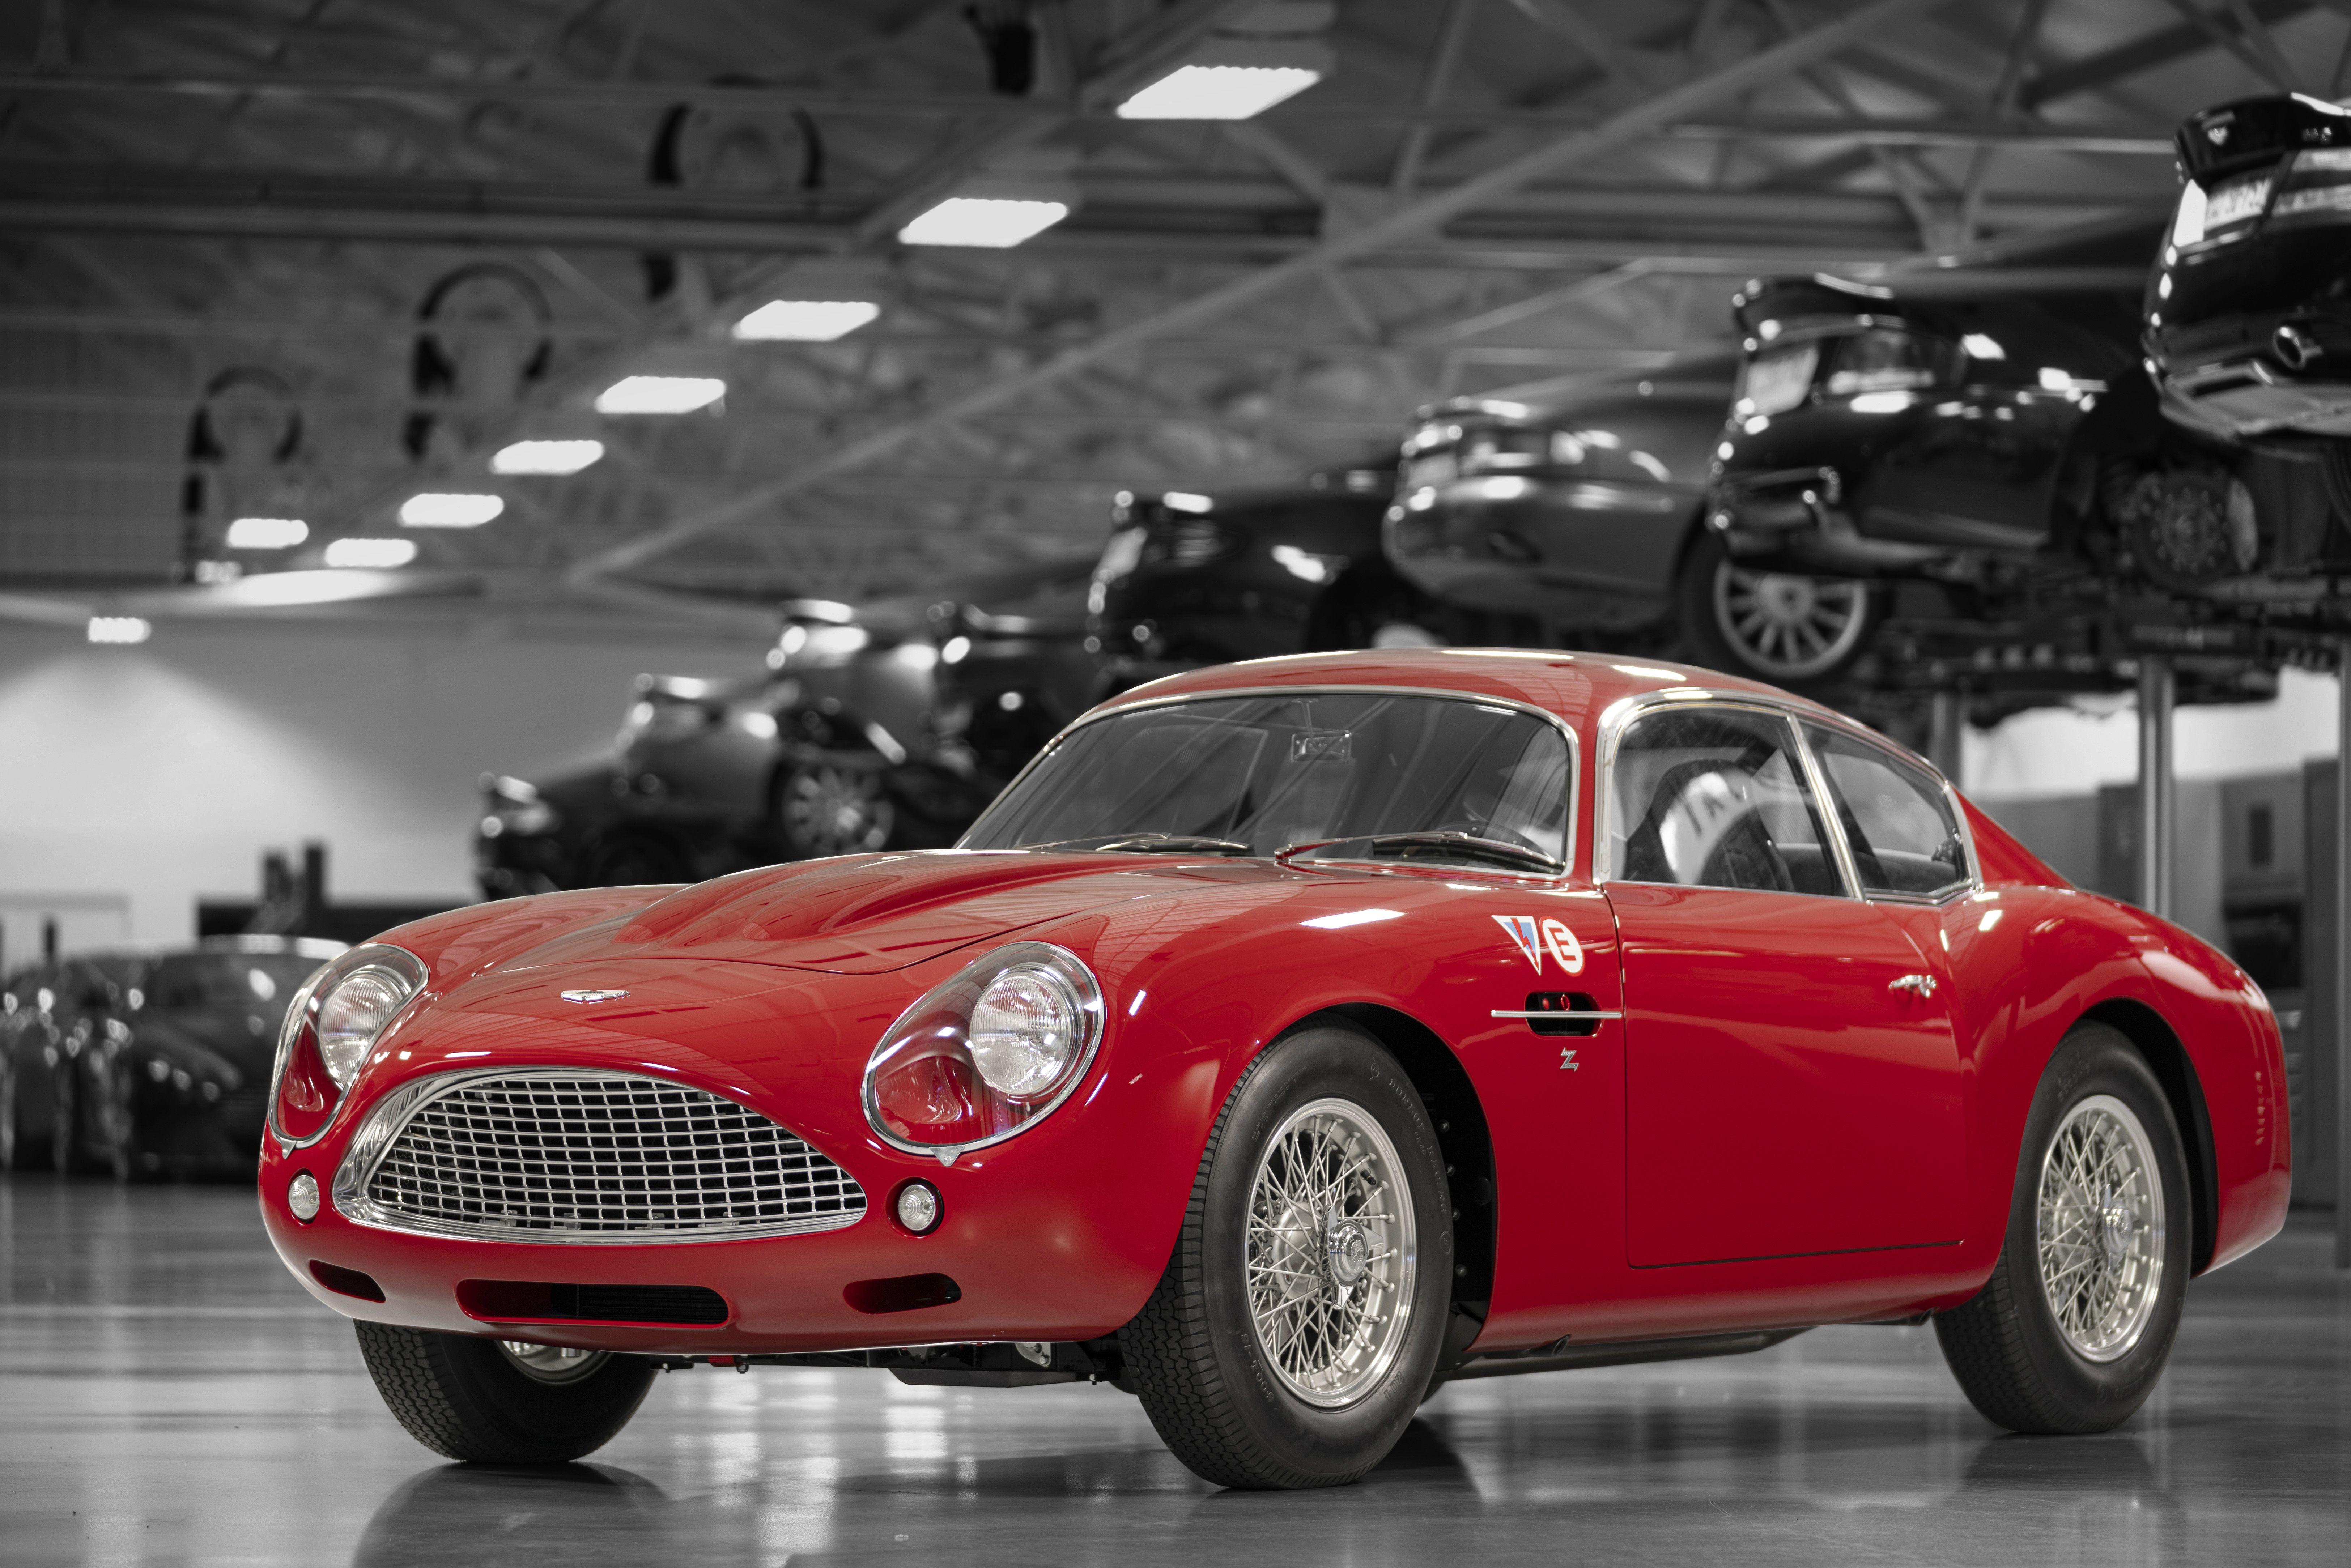 Aston Martin Db4 Gt Zagato Continuation Debuts At Le Mans